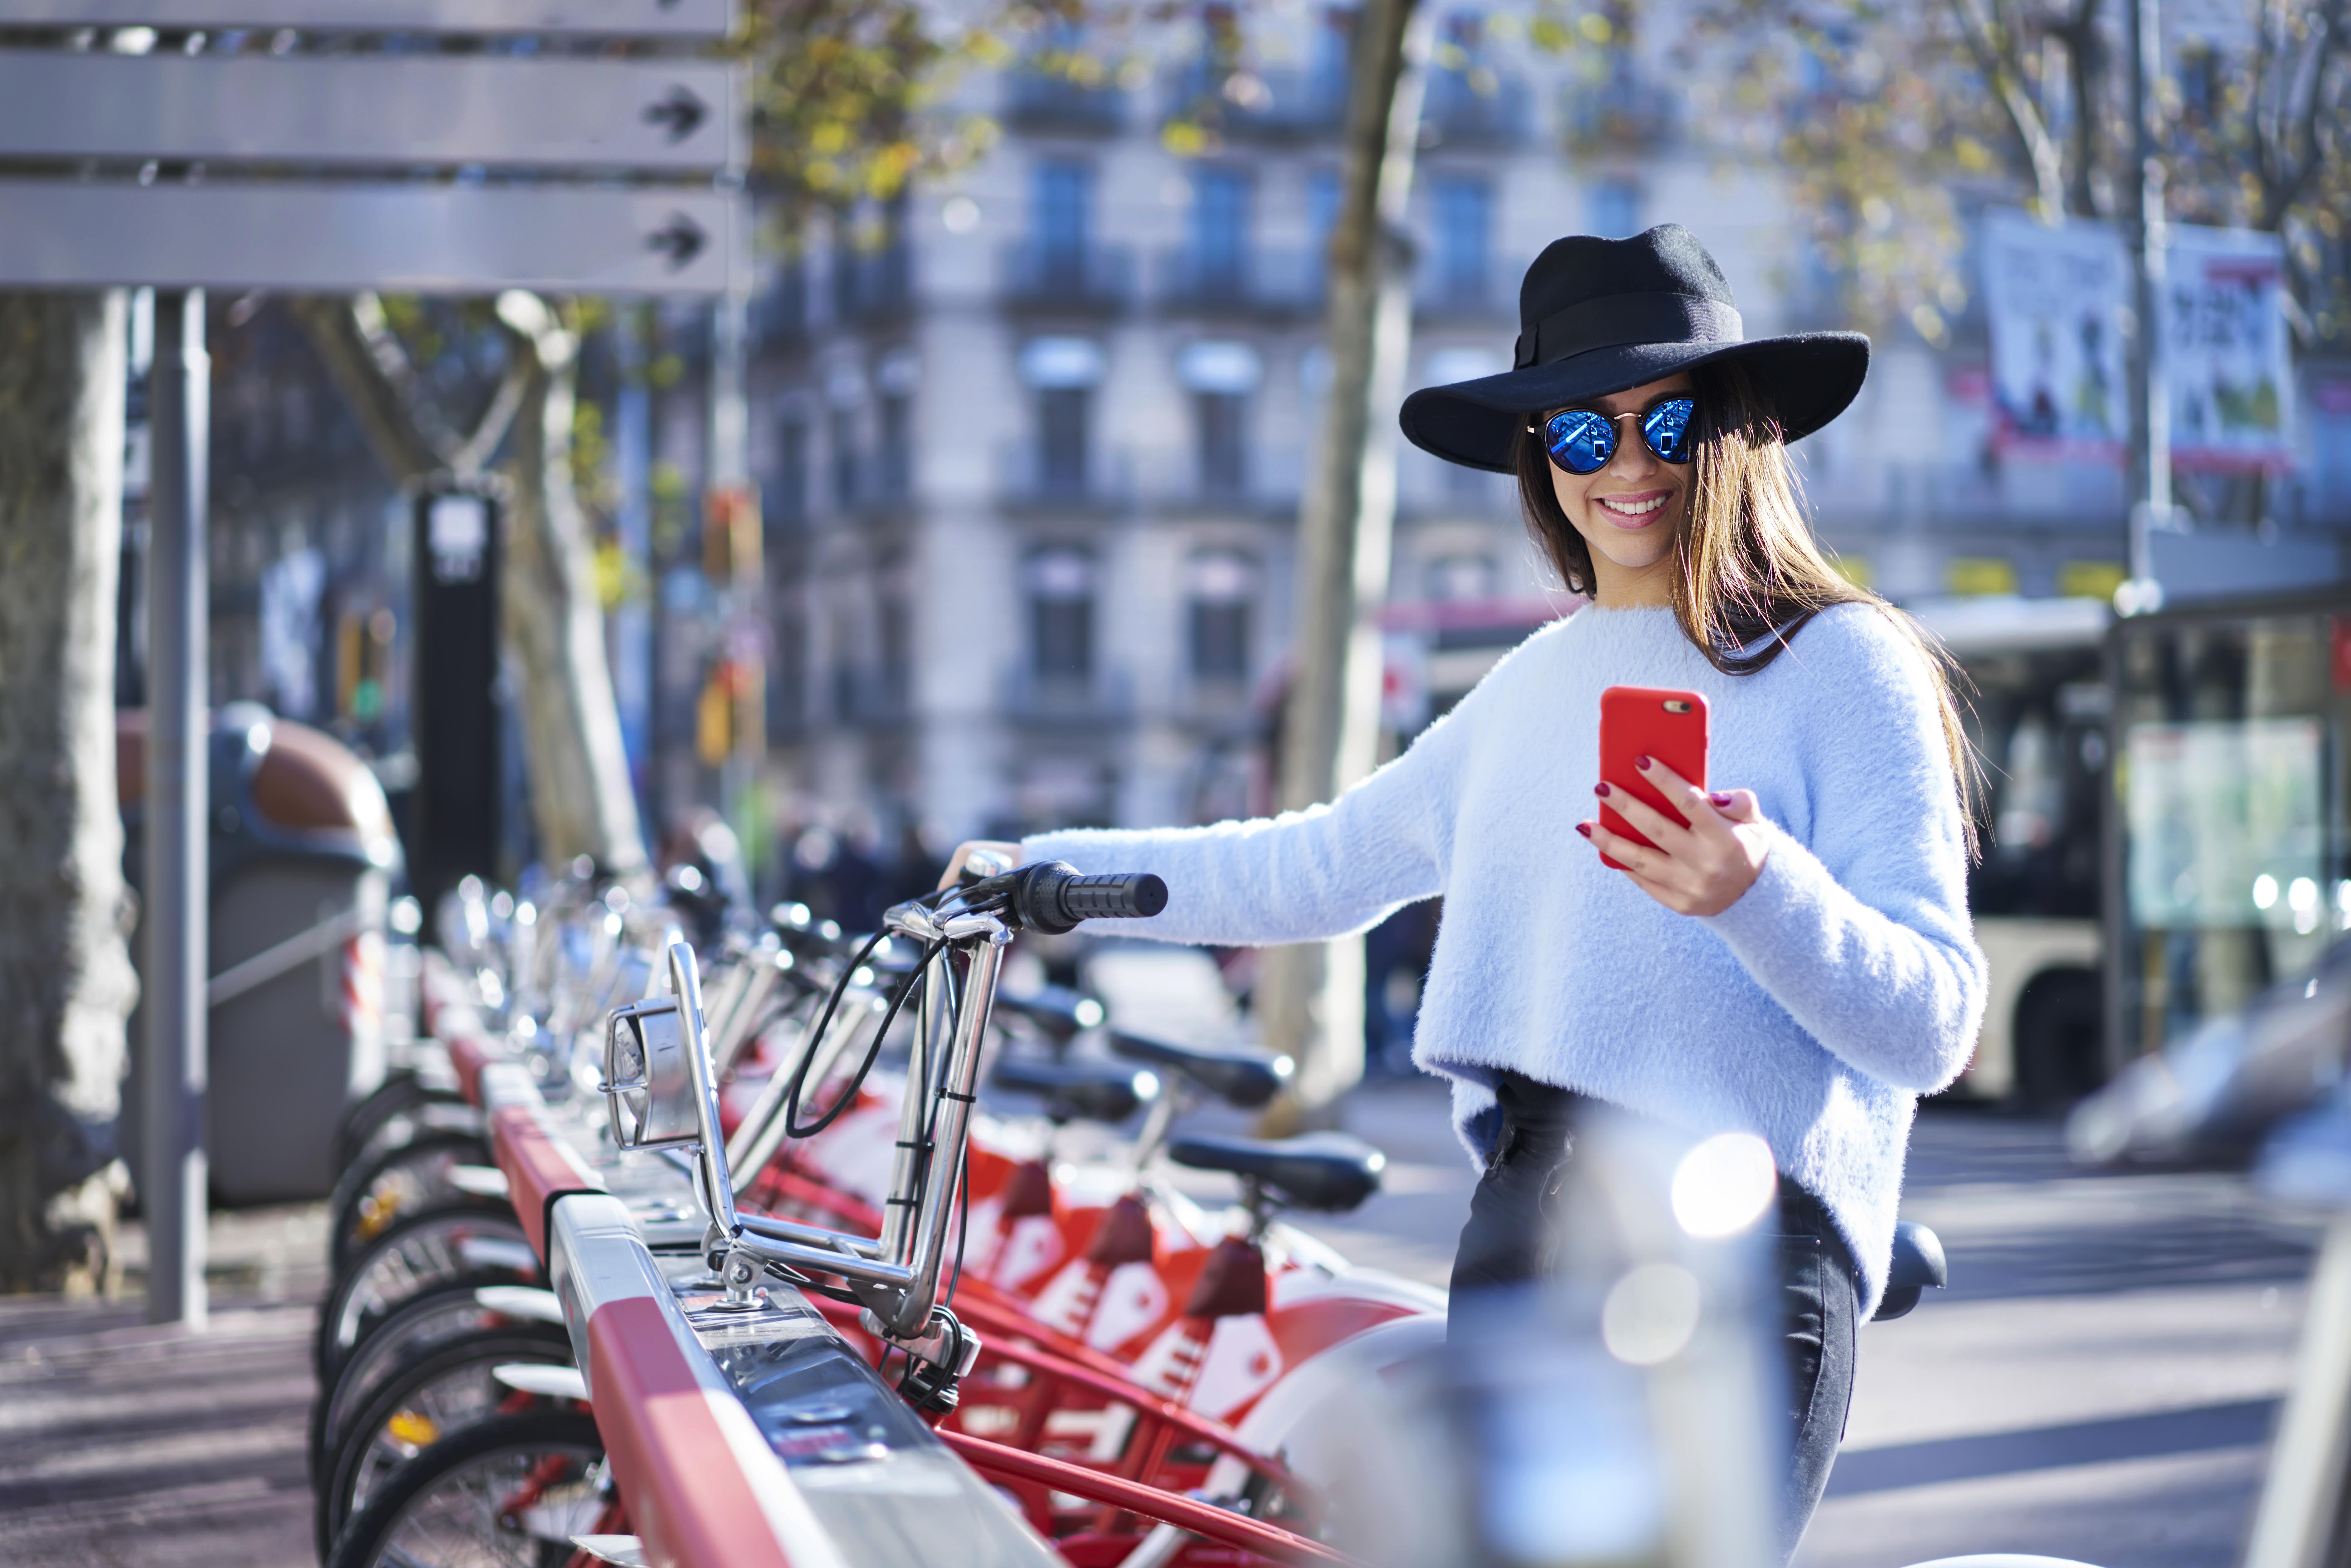 Voor bike sharing is connectivity een uitkomst. Waar staat mijn fiets? Via bluetooth en gprs 'stuurt' de fiets een gps-melding door die de gebruiker kan uitlezen in een app op zijn/haar mobiel.